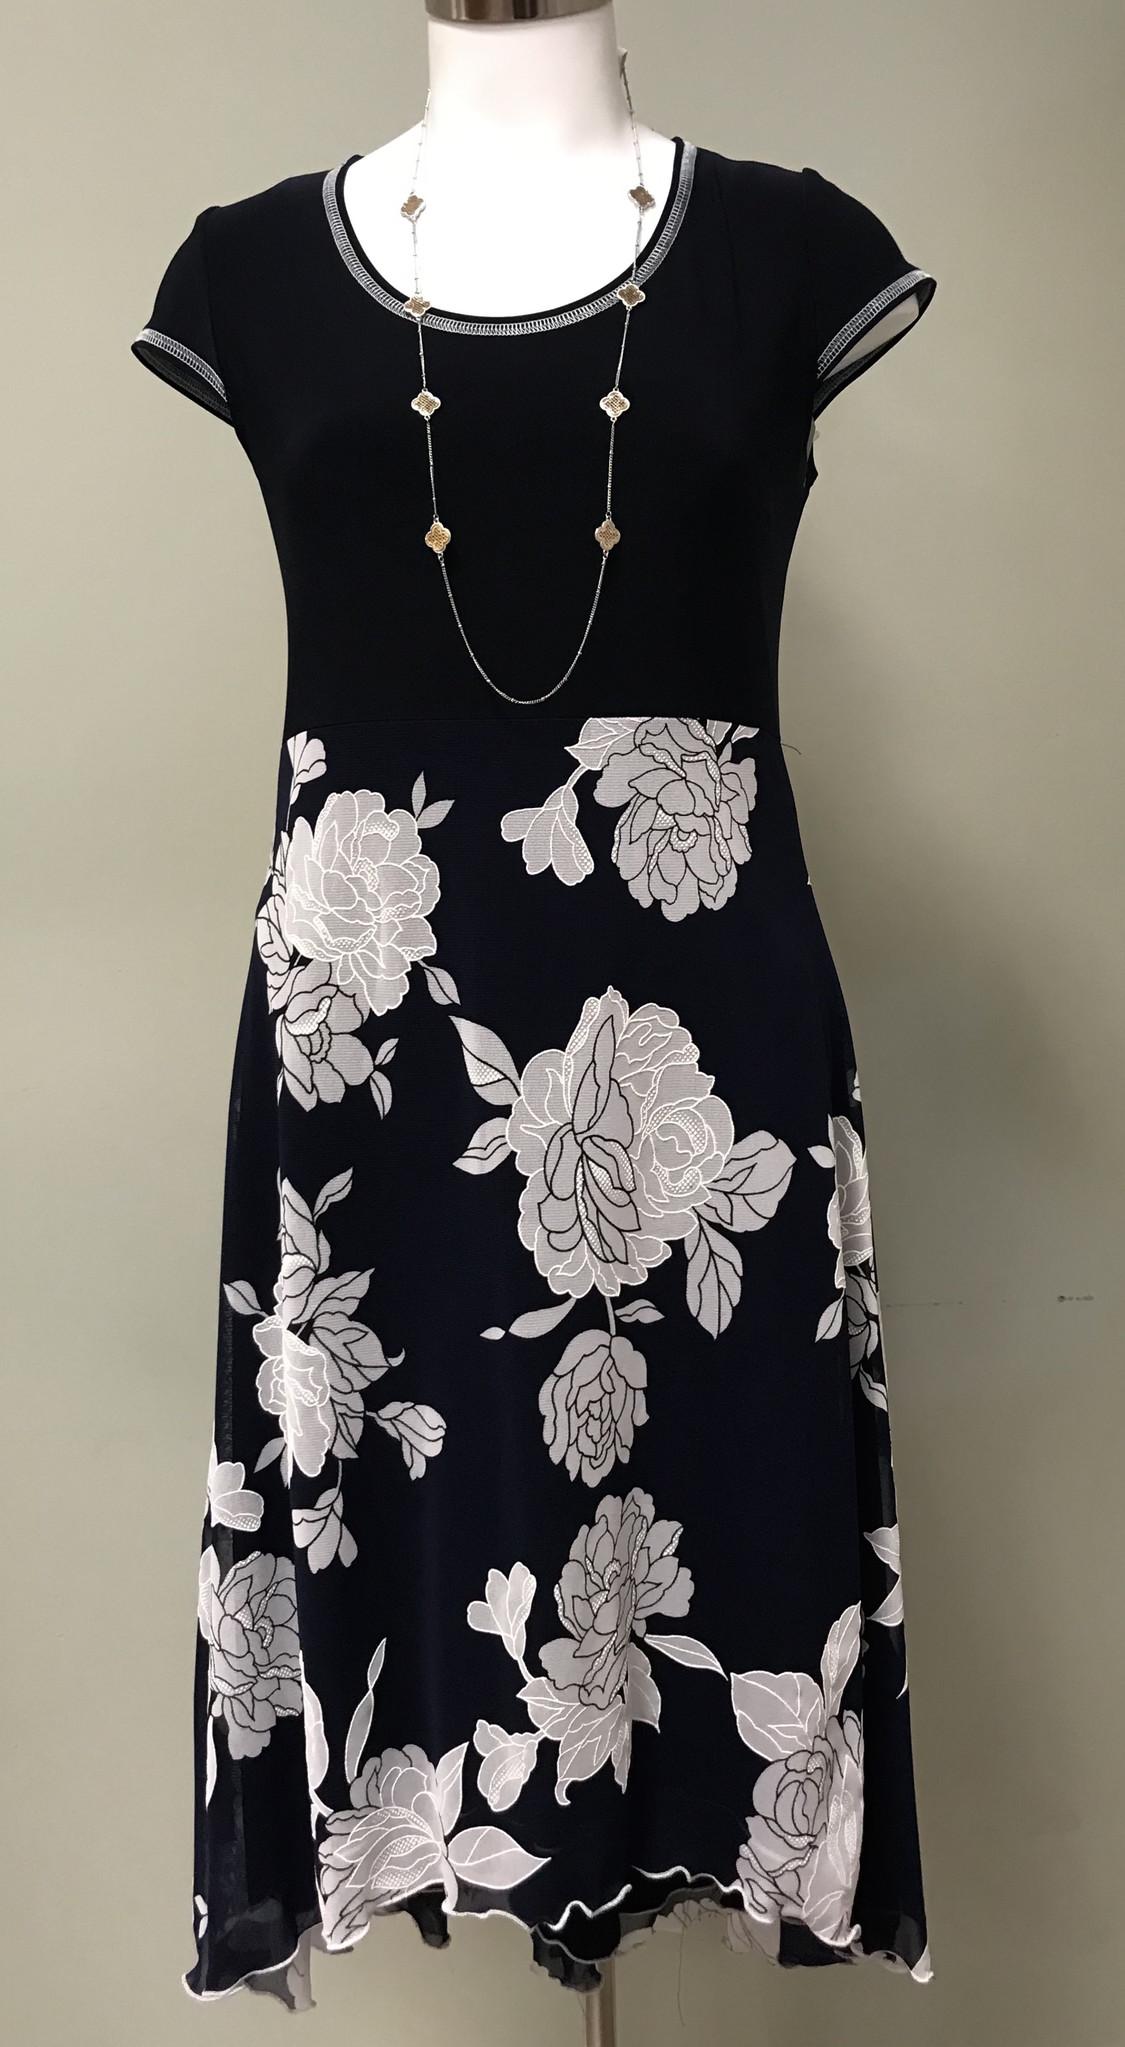 Artex Fashions Rosebud 2 Tone Dress